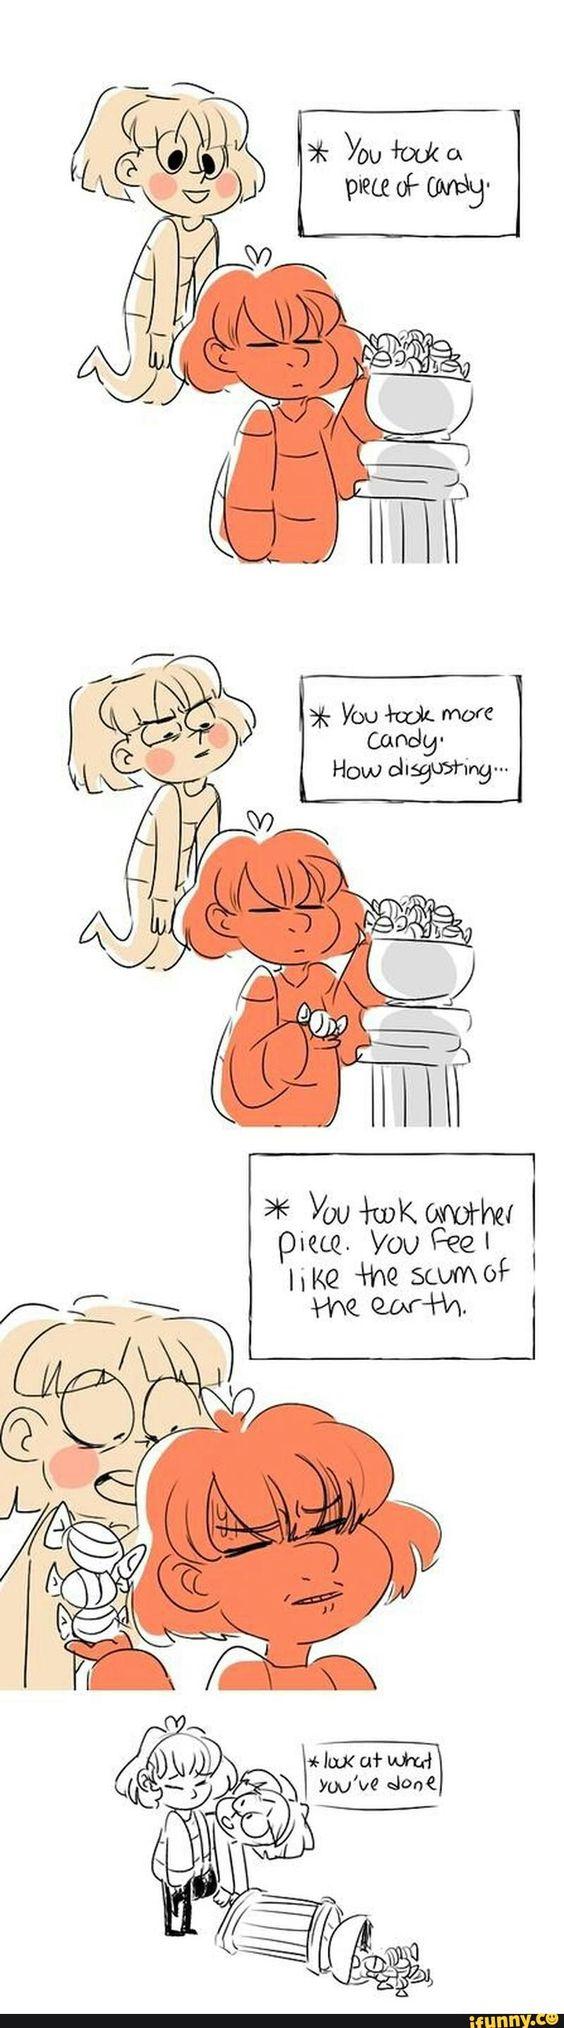 Good Halloween Jokes